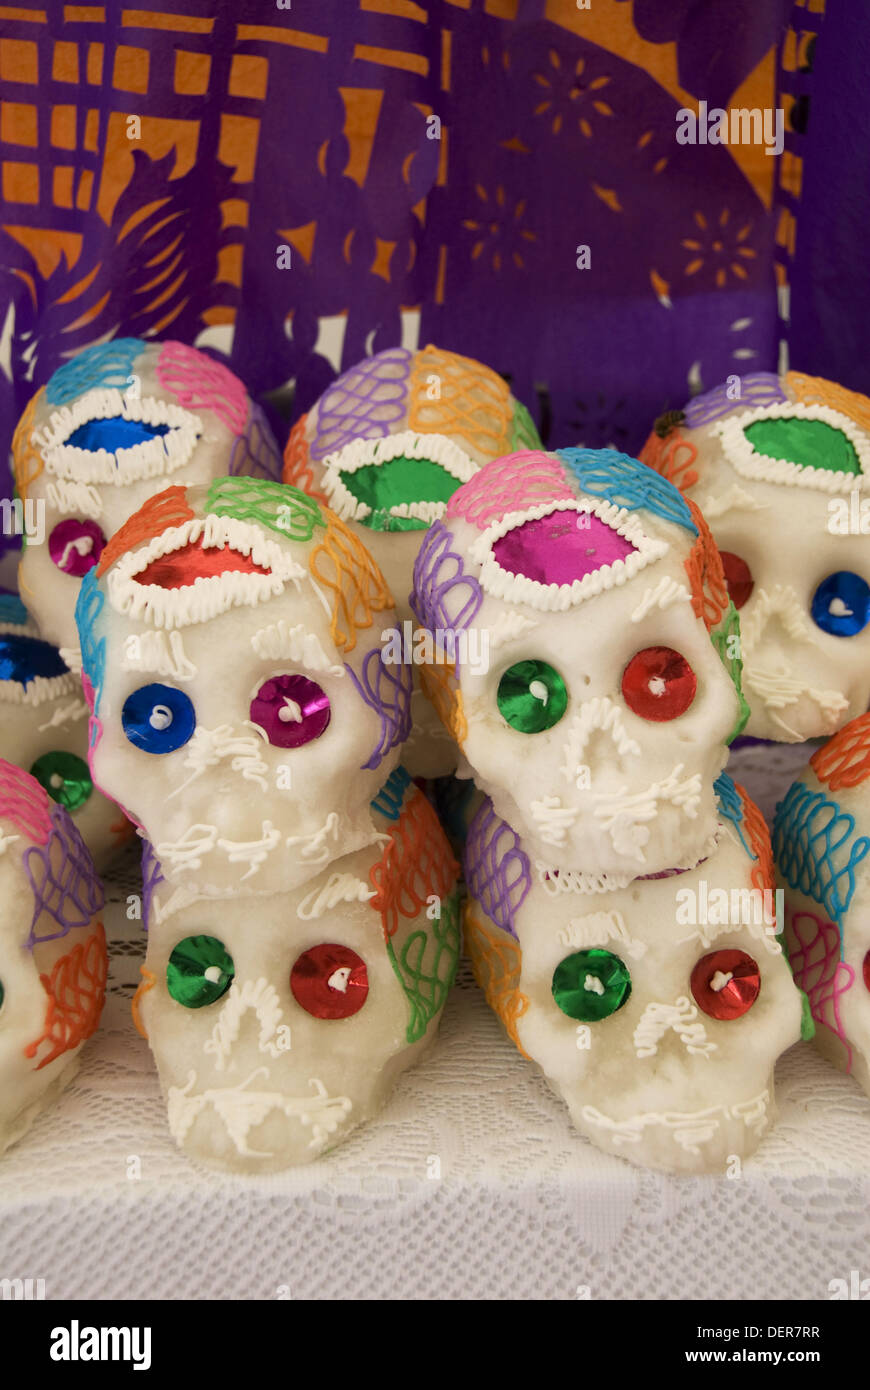 Sugar skull decorations for the Day of the Dead Festival, San Miguel de Allende, Guanajuato, Mexico Stock Photo